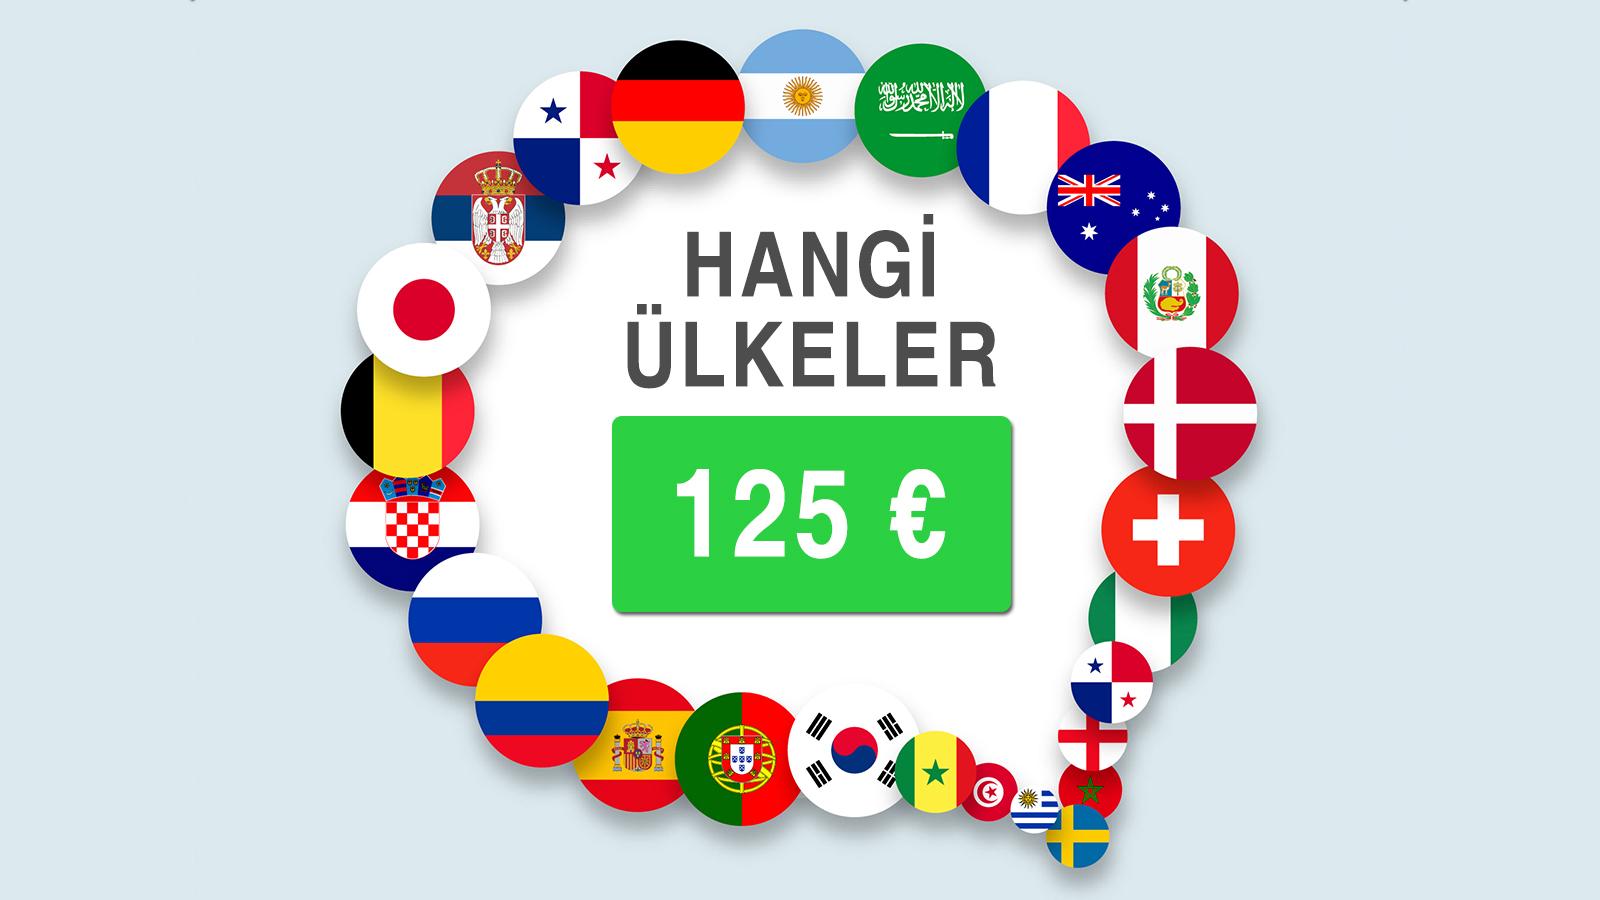 Hangi Ülkeler 125 € ?